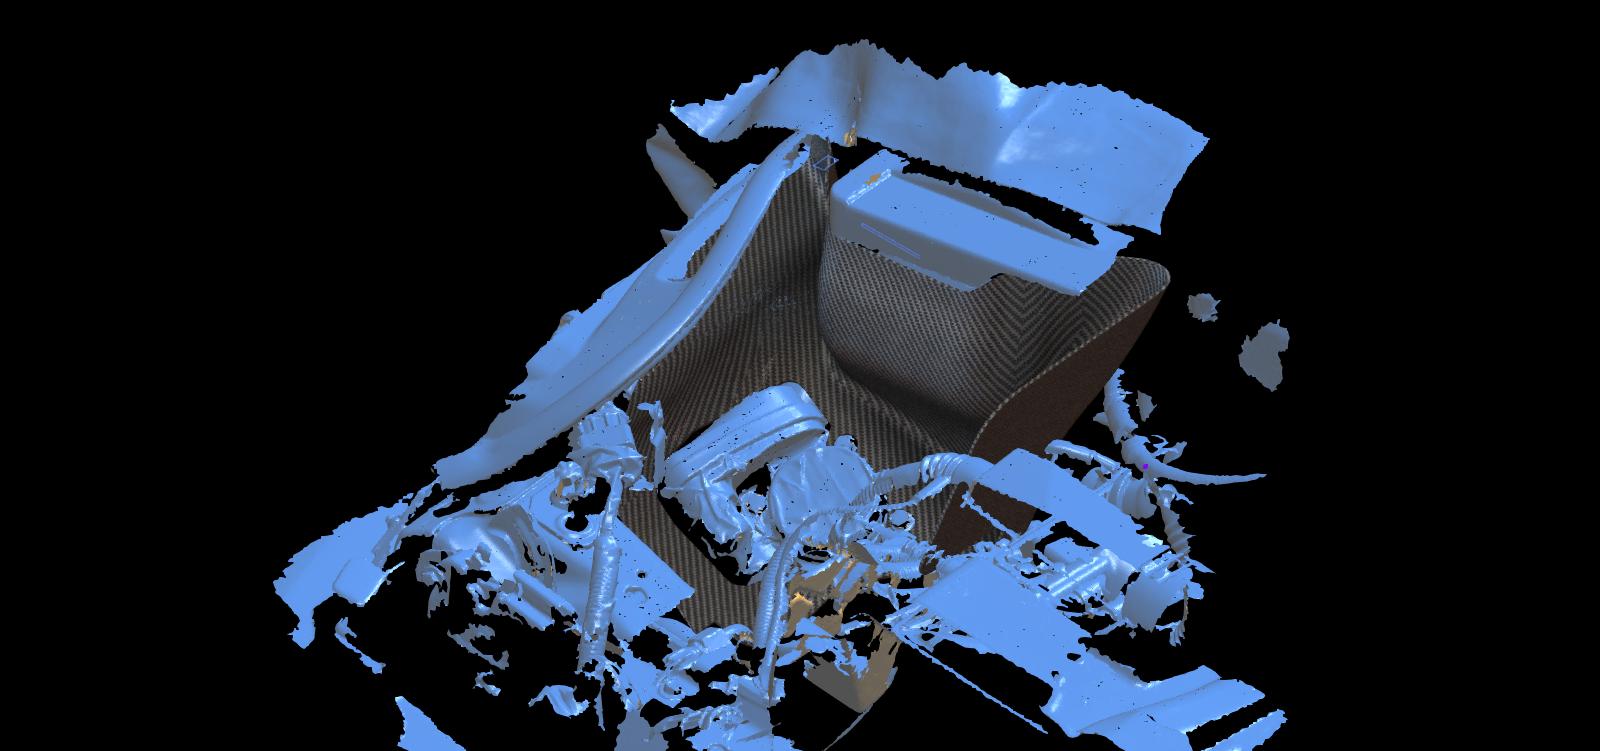 3d model of heatshield in the 3d scanned file.png